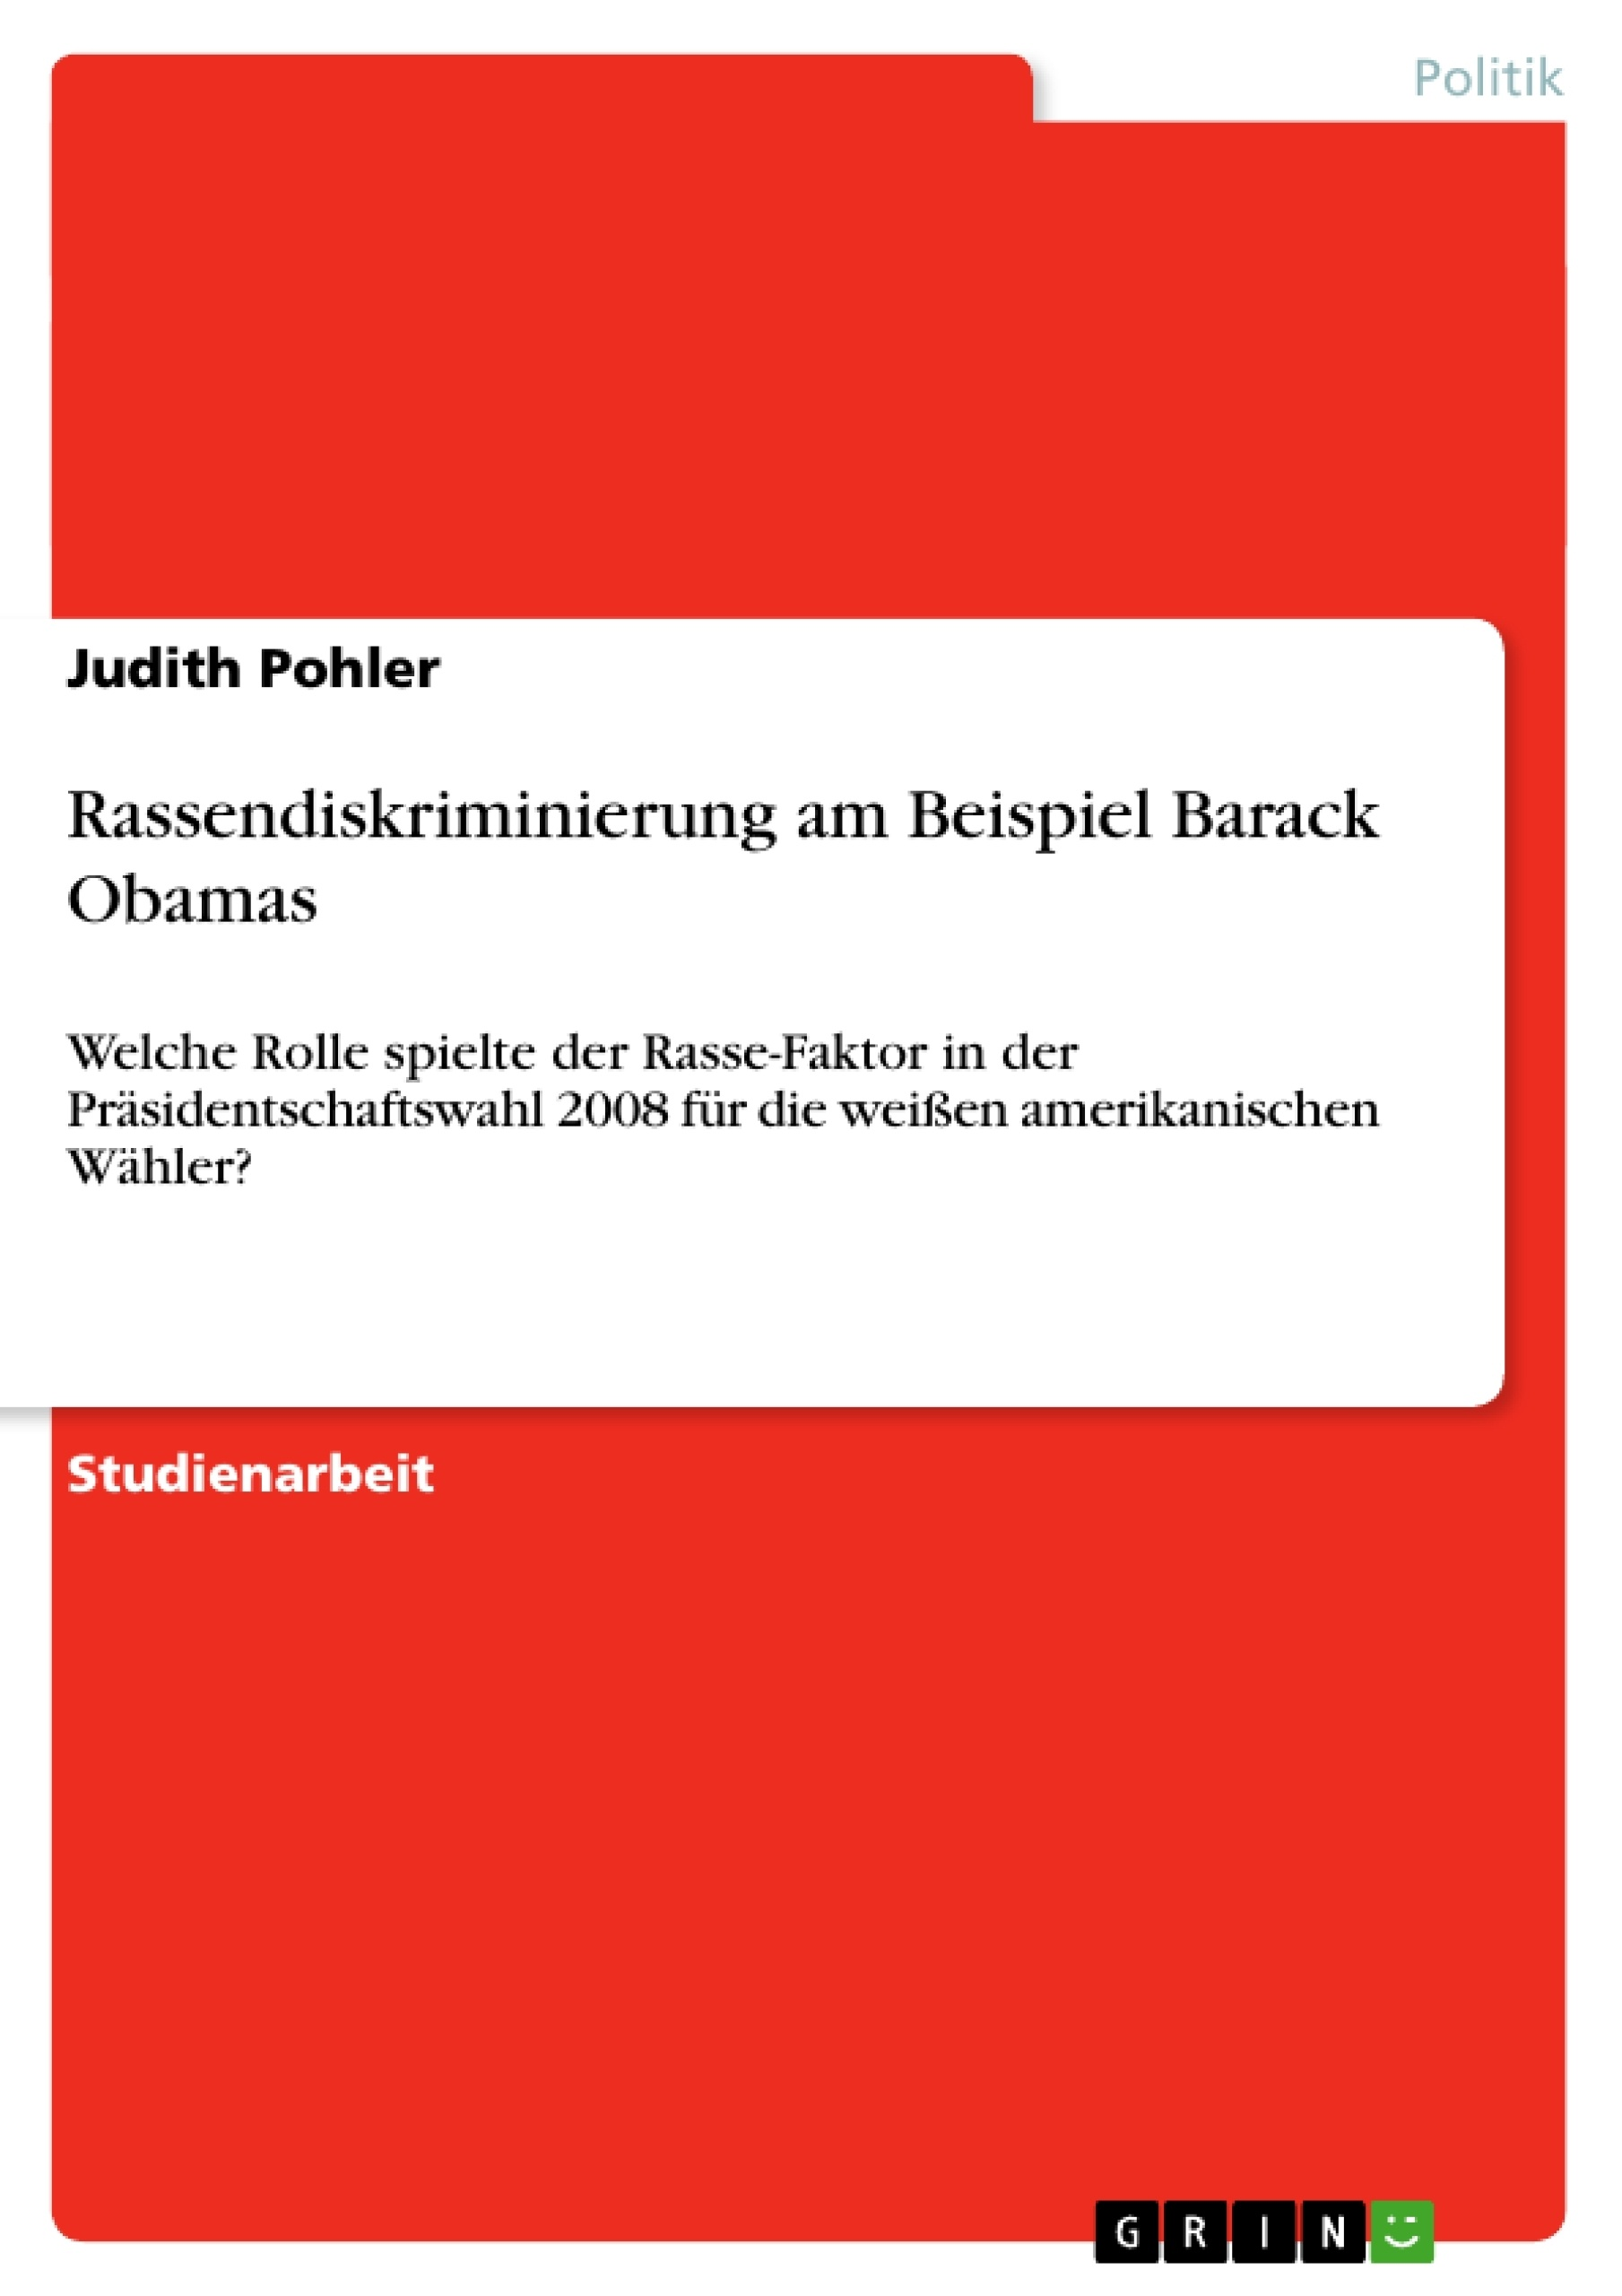 Titel: Rassendiskriminierung am Beispiel Barack Obamas